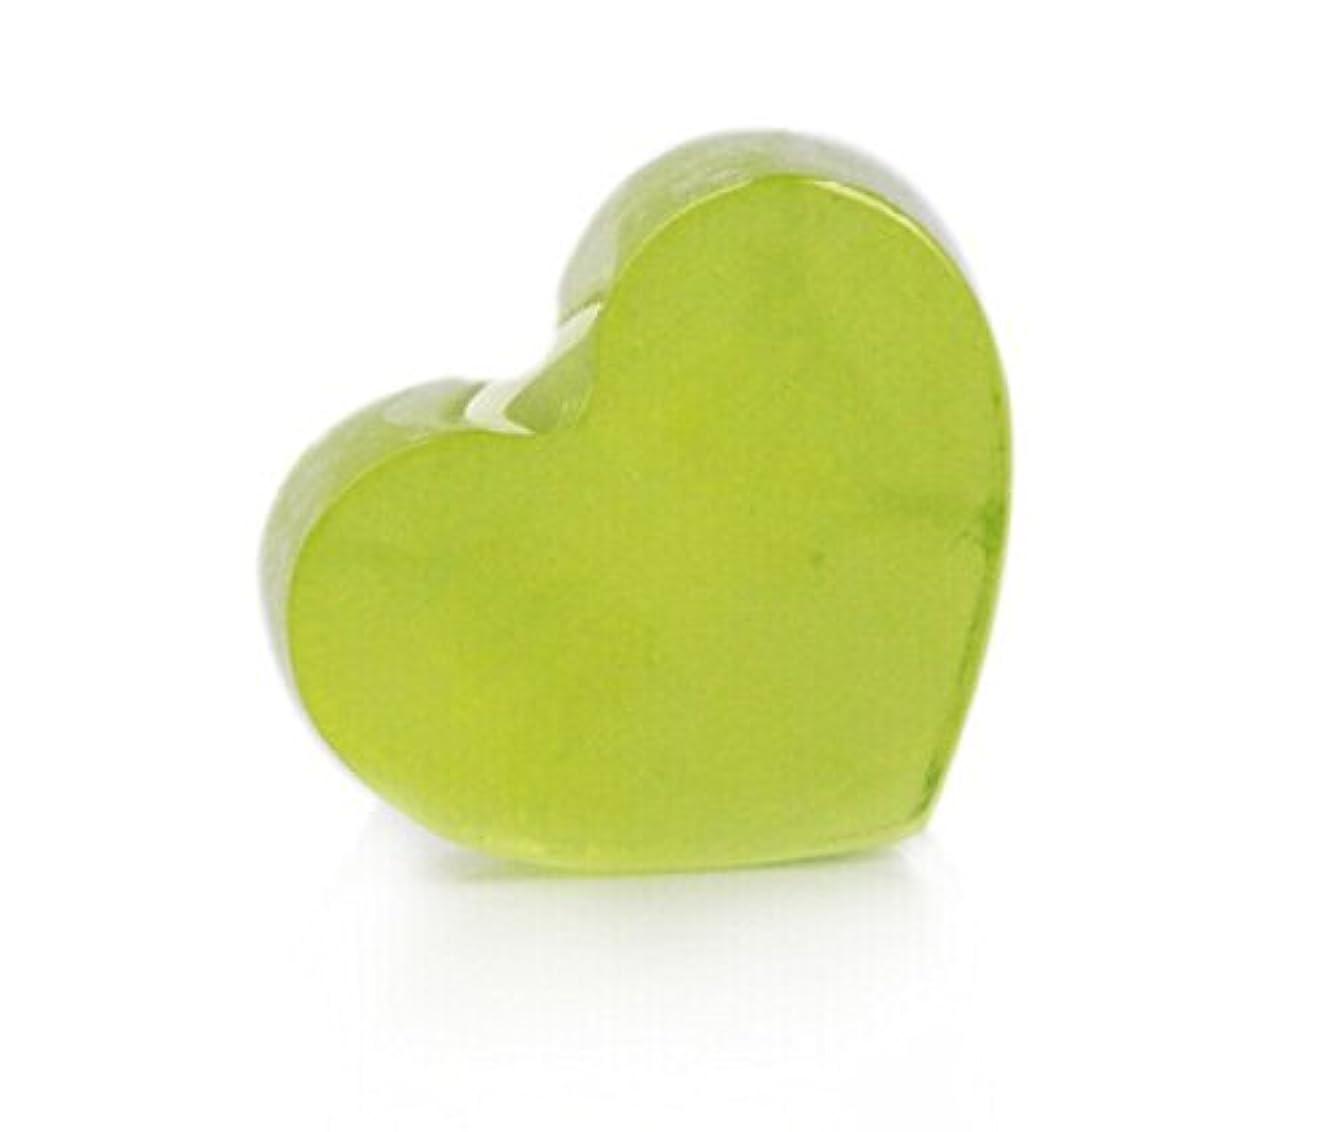 拮抗するひそかにボックス緑茶クレンジングディープクリーンにきび跡削除手作りオイルソープ  90g